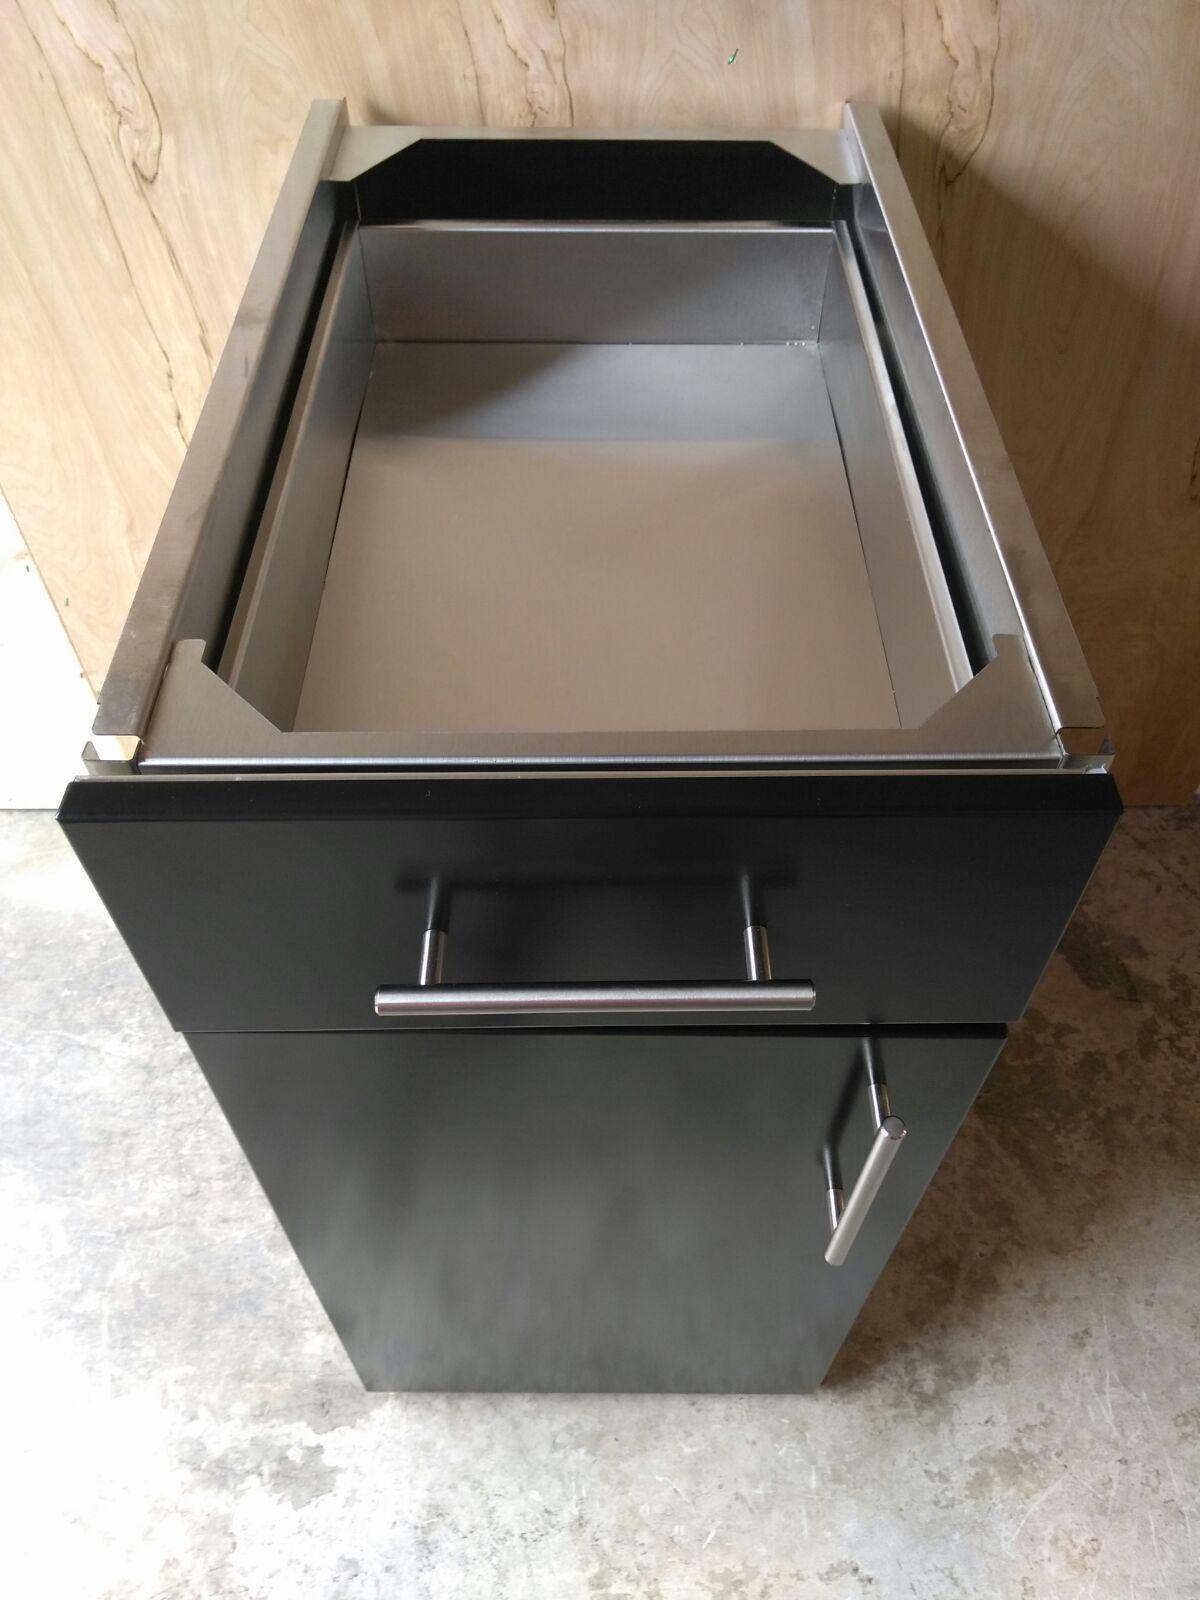 Best Kitchen Gallery: Stainless Steel Or Plywood Interior Kitchen Cabi S Steelkitchen of Residential Metal Kitchen Cabinets on rachelxblog.com